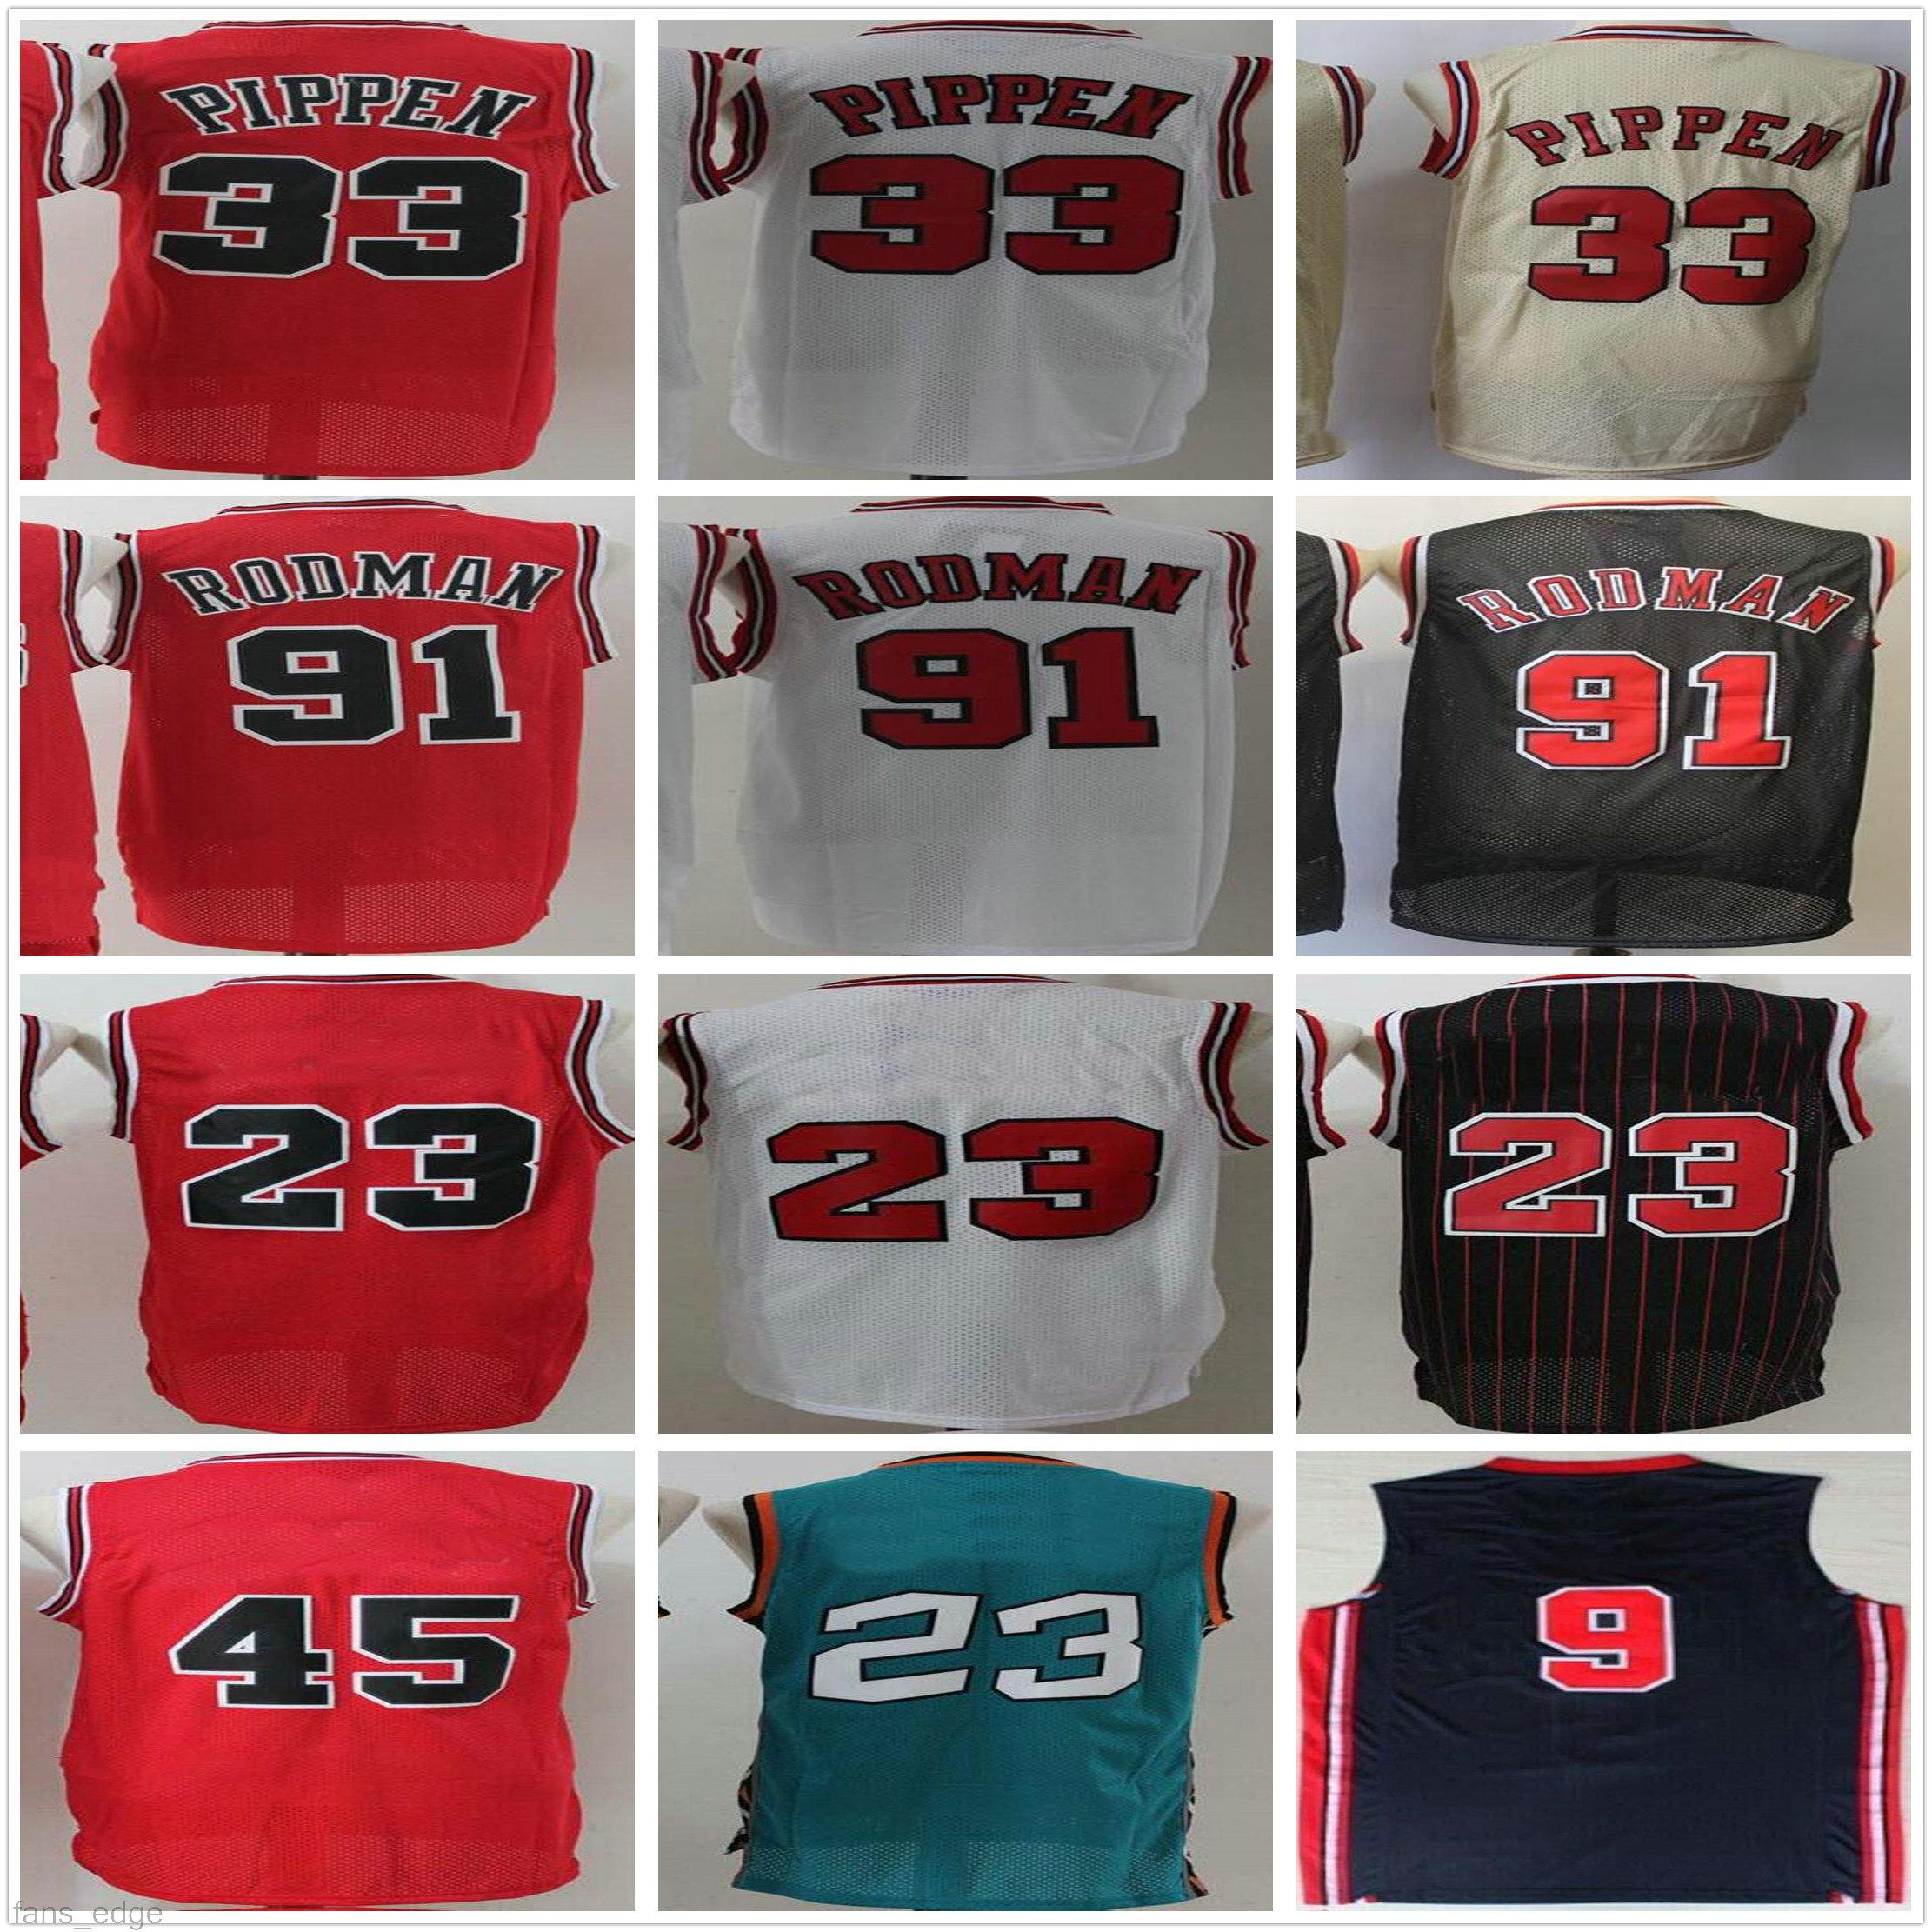 NCAA North Carolina رجل الرجعية خمر # 23 مع اسم جميع أنماط حمراء أبيض أسود رجل سكوت 33 بيبن دينيس 91 رودمان كرة السلة الفانيلة